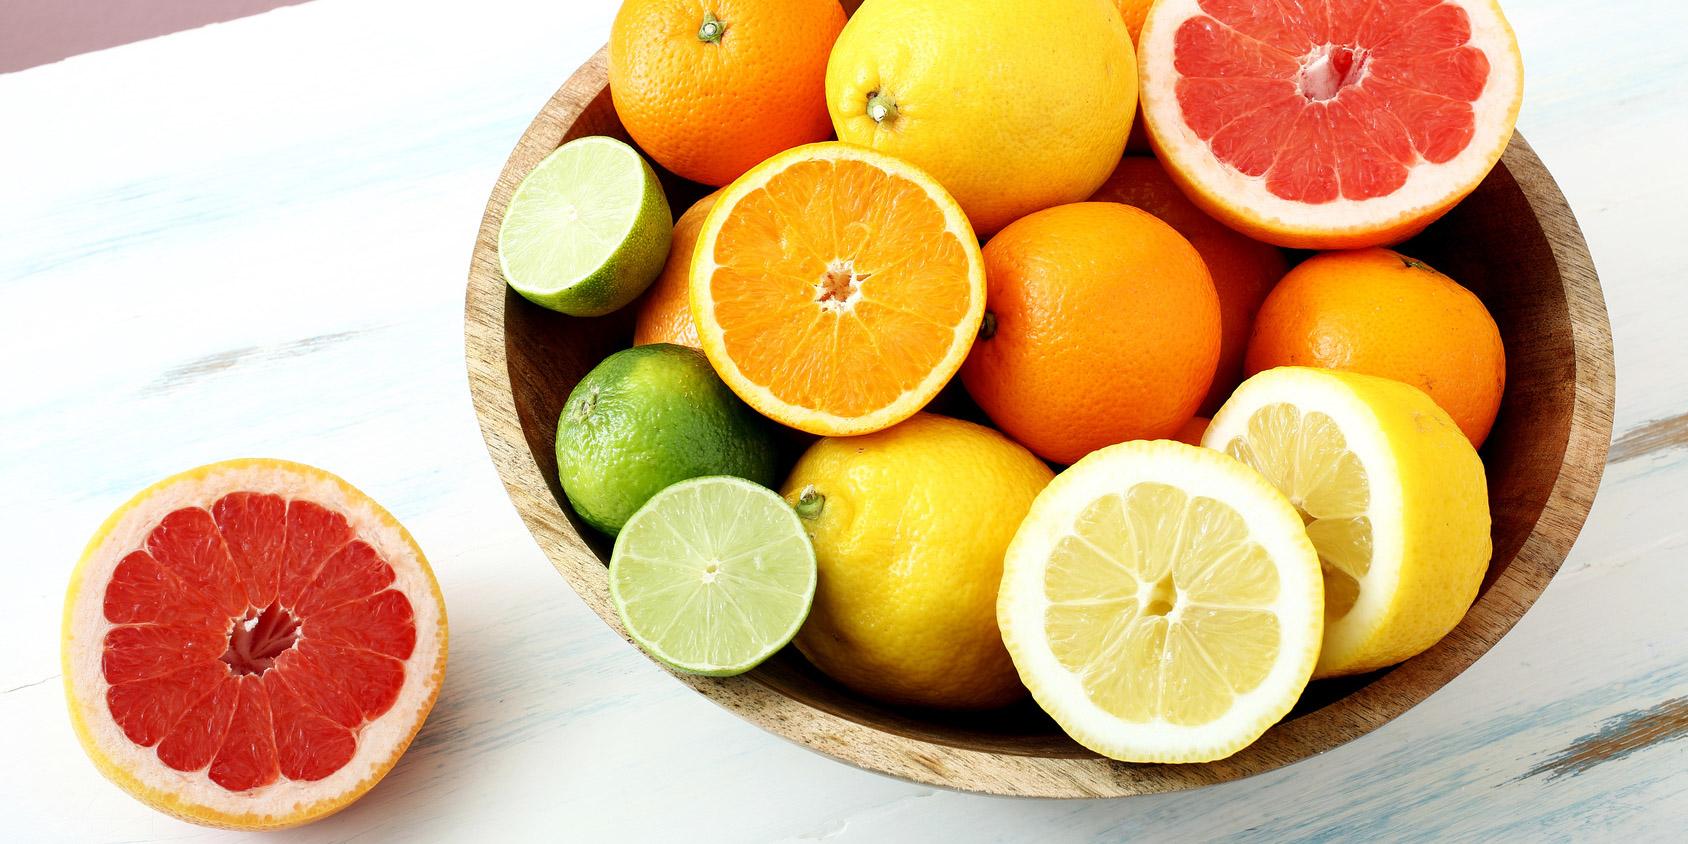 Zitrusfrüchte_kühlen